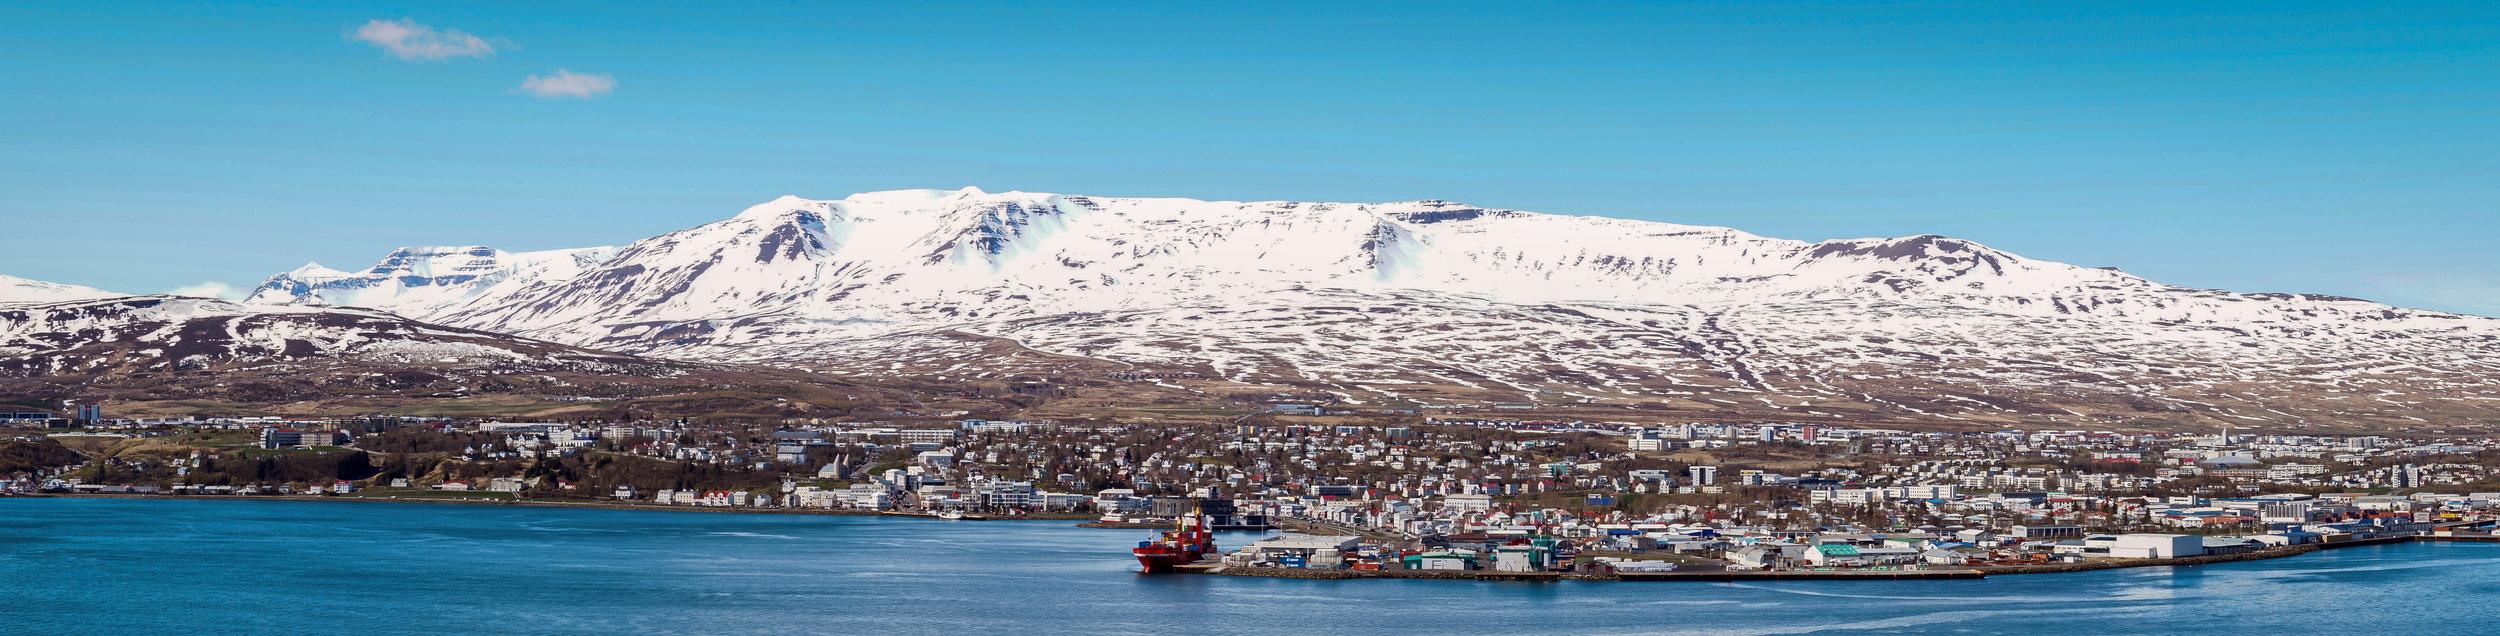 The wonderful northern town of Akureyri.